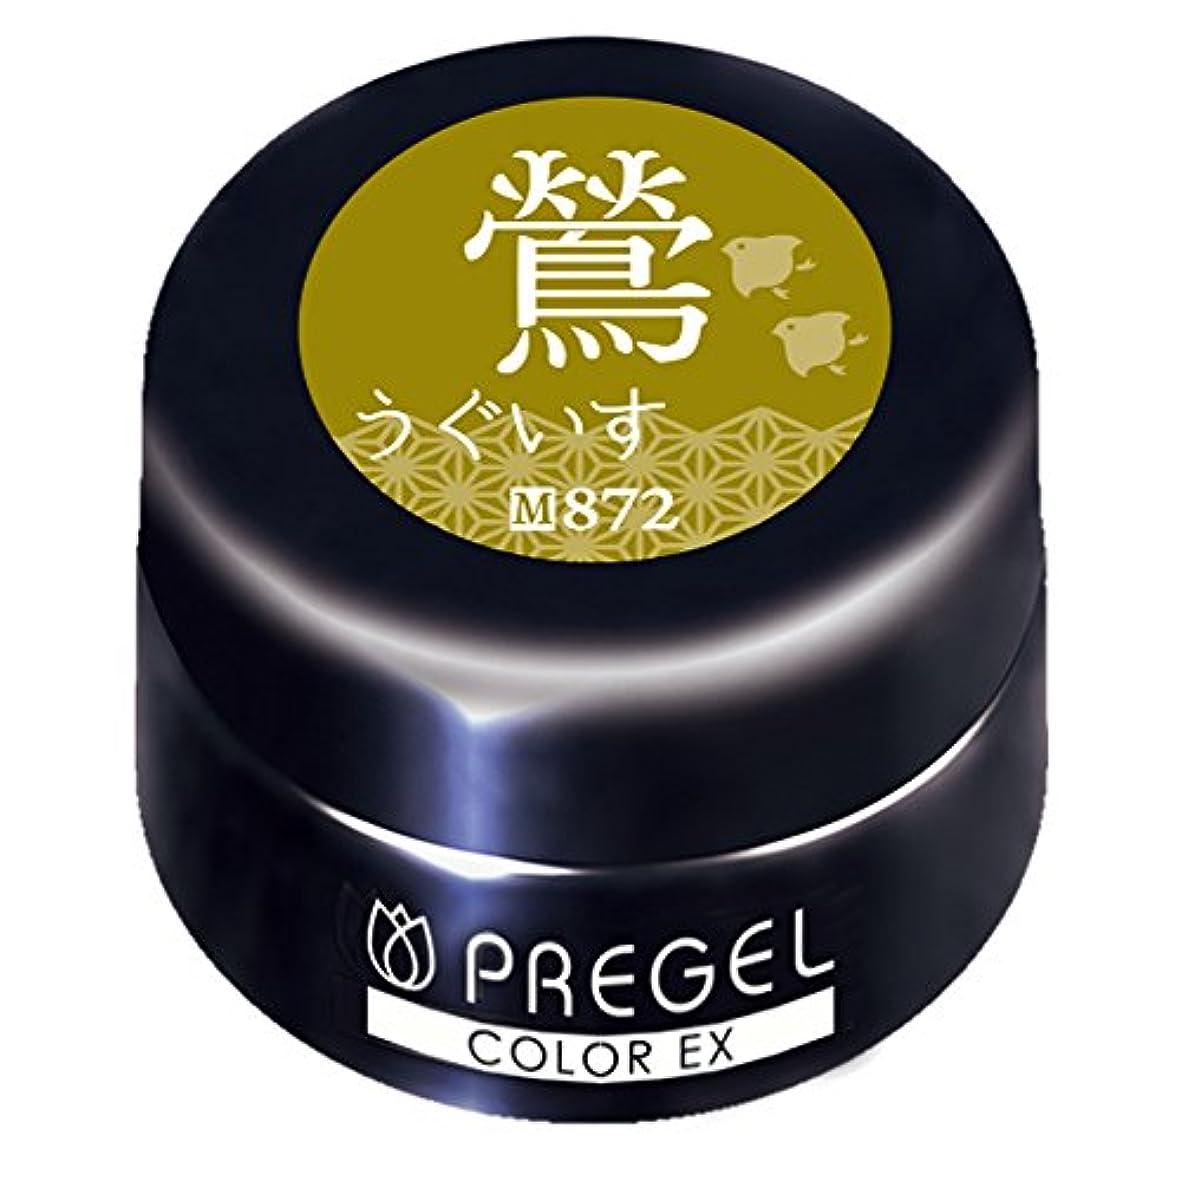 ジョージバーナード石鹸傷つけるPRE GEL カラーEX 鶯872 3g UV/LED対応